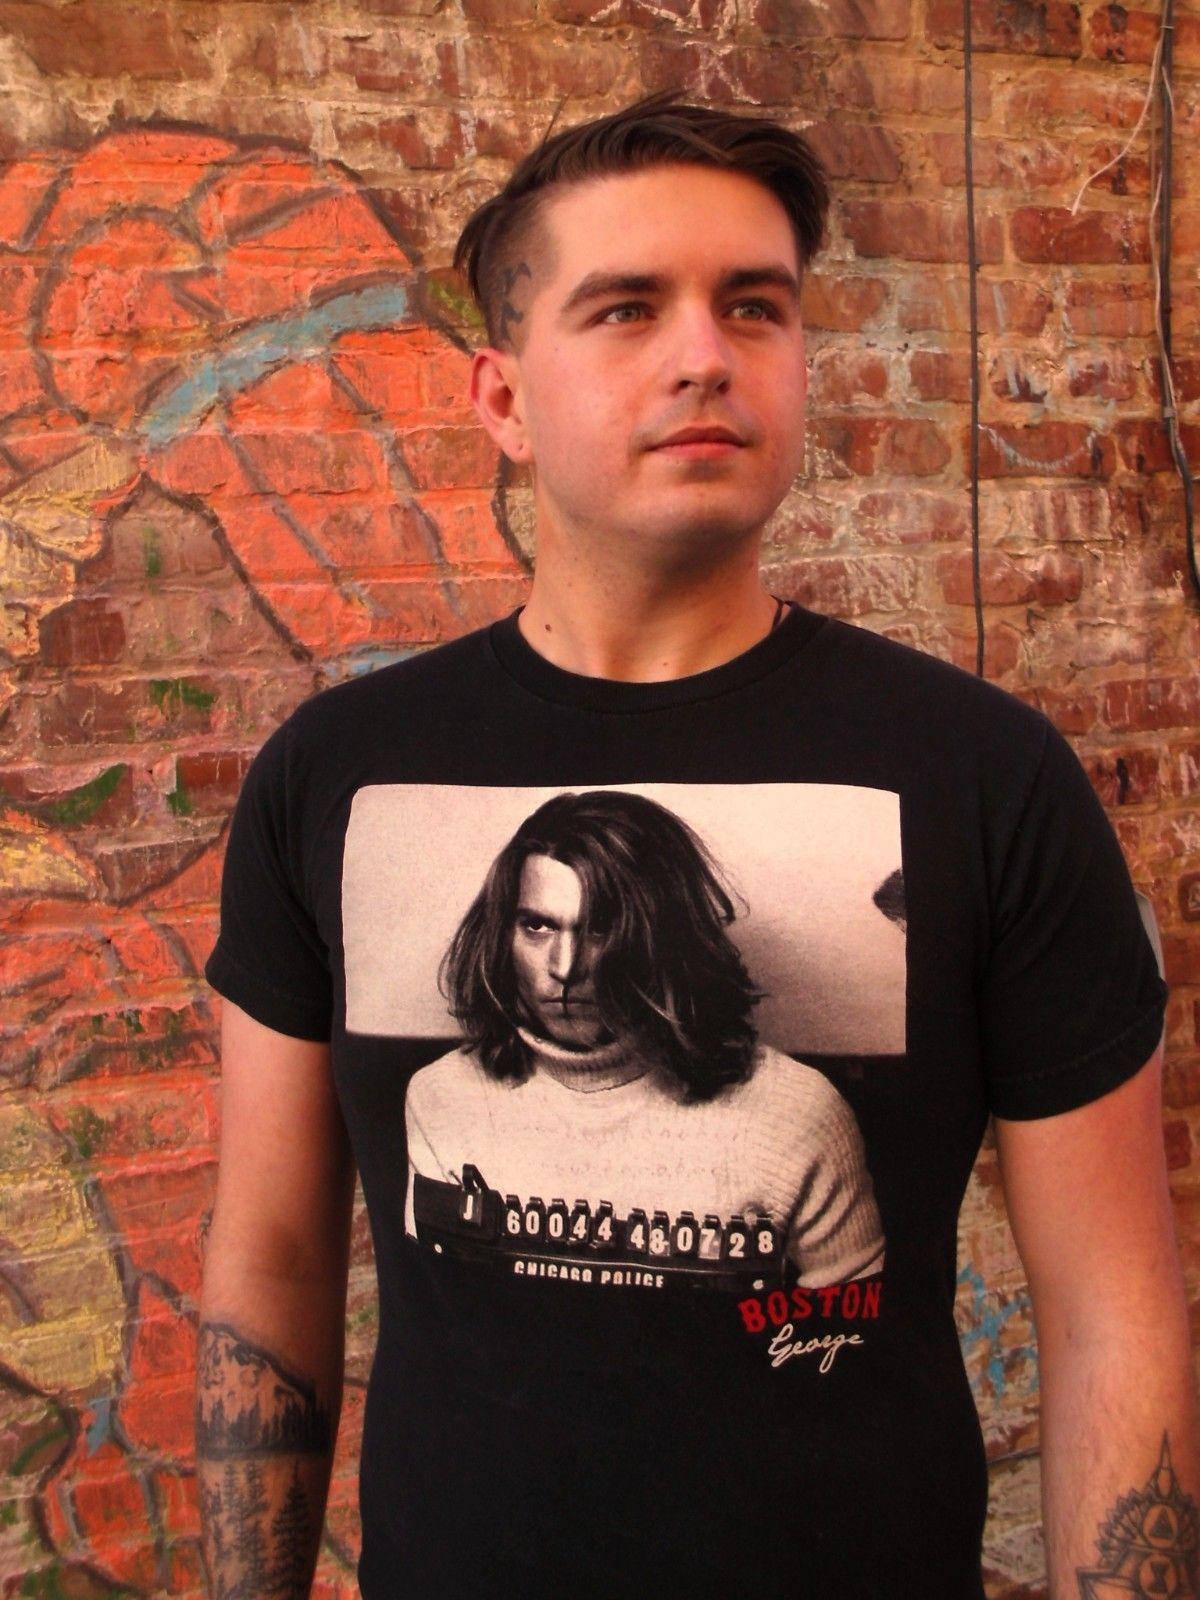 Возьмите Джонни Депп как Бостон Джордж в удар Кружка выстрел черный 100% хлопок Размеры S футболка